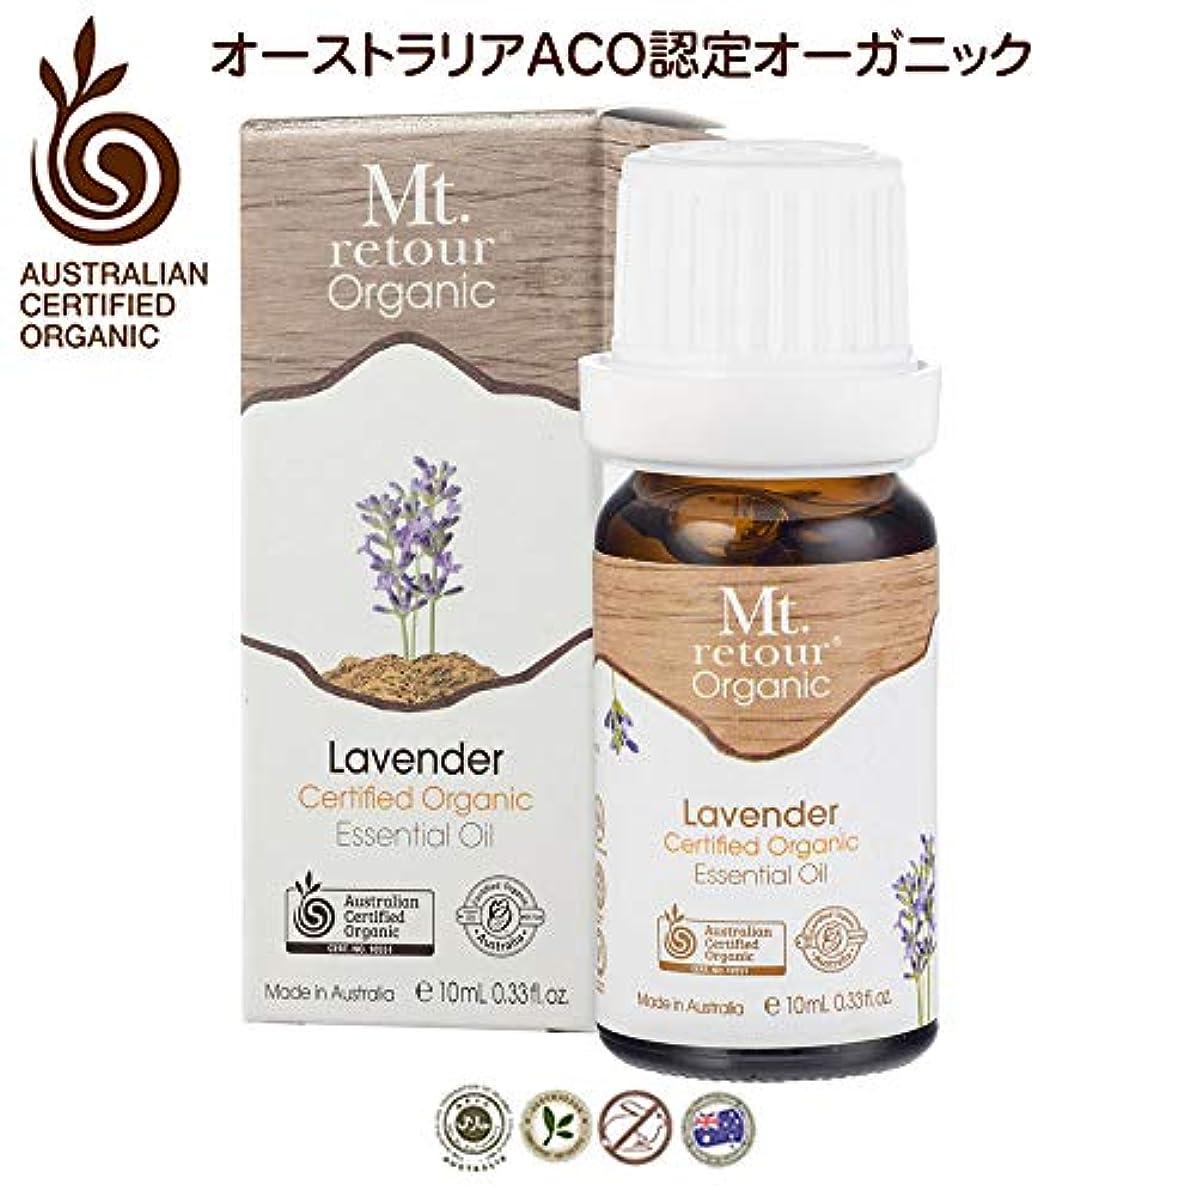 参加する合理化別のMt. retour ACO認定オーガニック ラベンダー10ml エッセンシャルオイル(無農薬有機栽培)アロマ